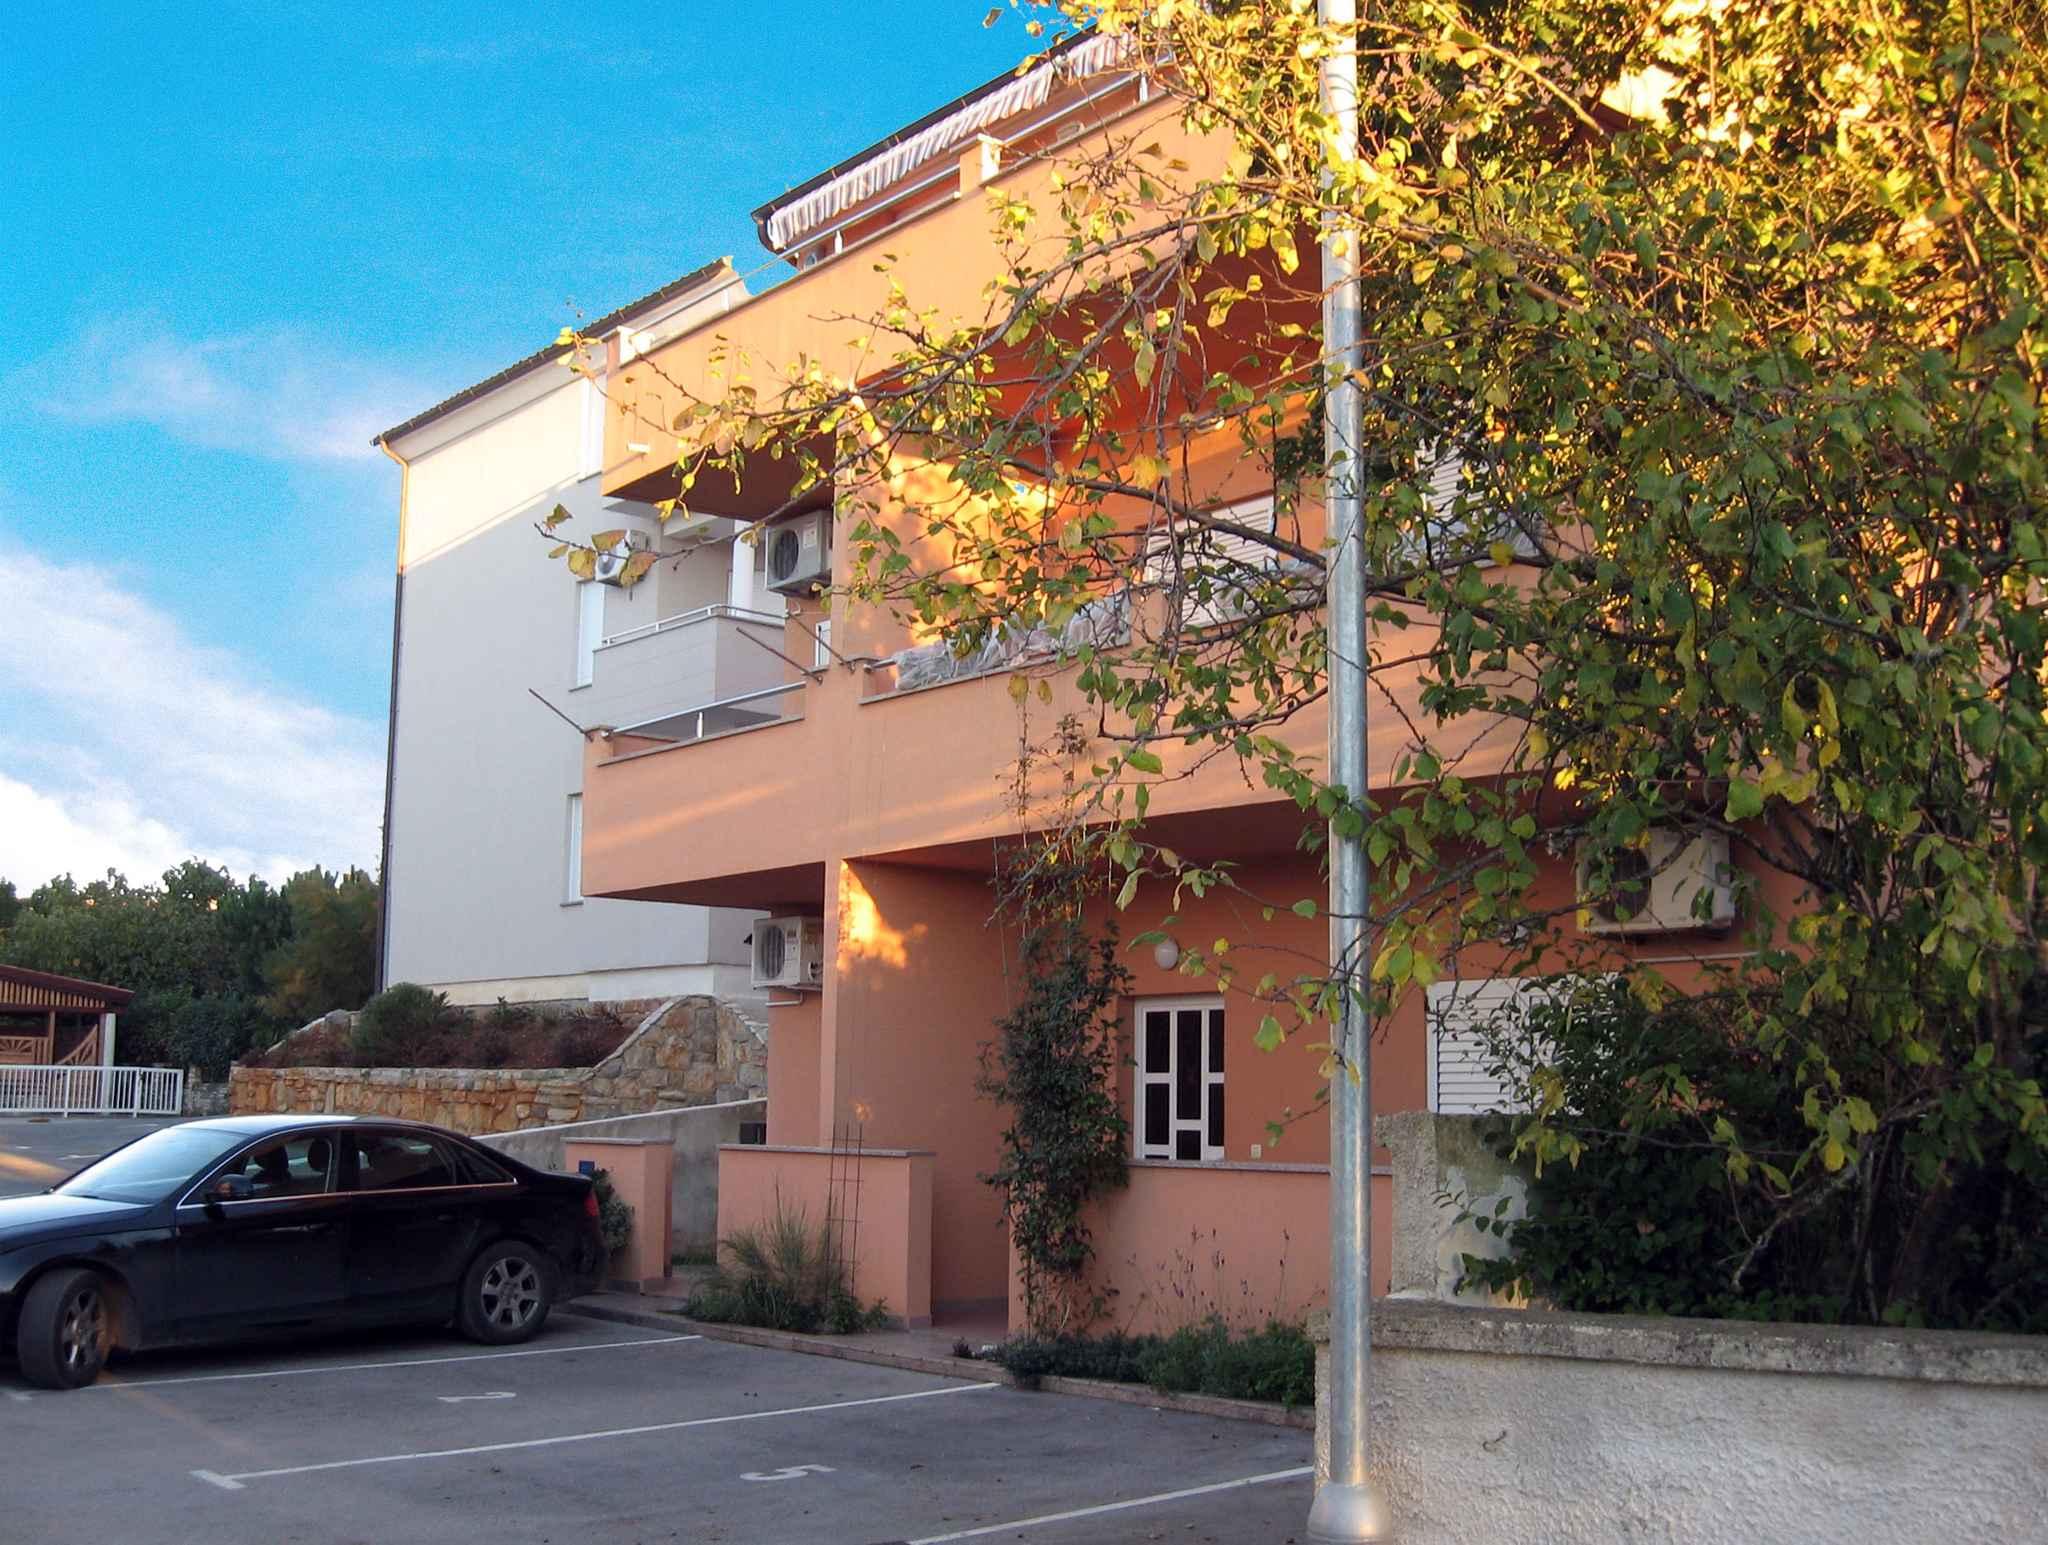 Ferienwohnung mit Kaffeemaschine und Meerblick 70 m von der Adria (280819), Pula, , Istrien, Kroatien, Bild 1